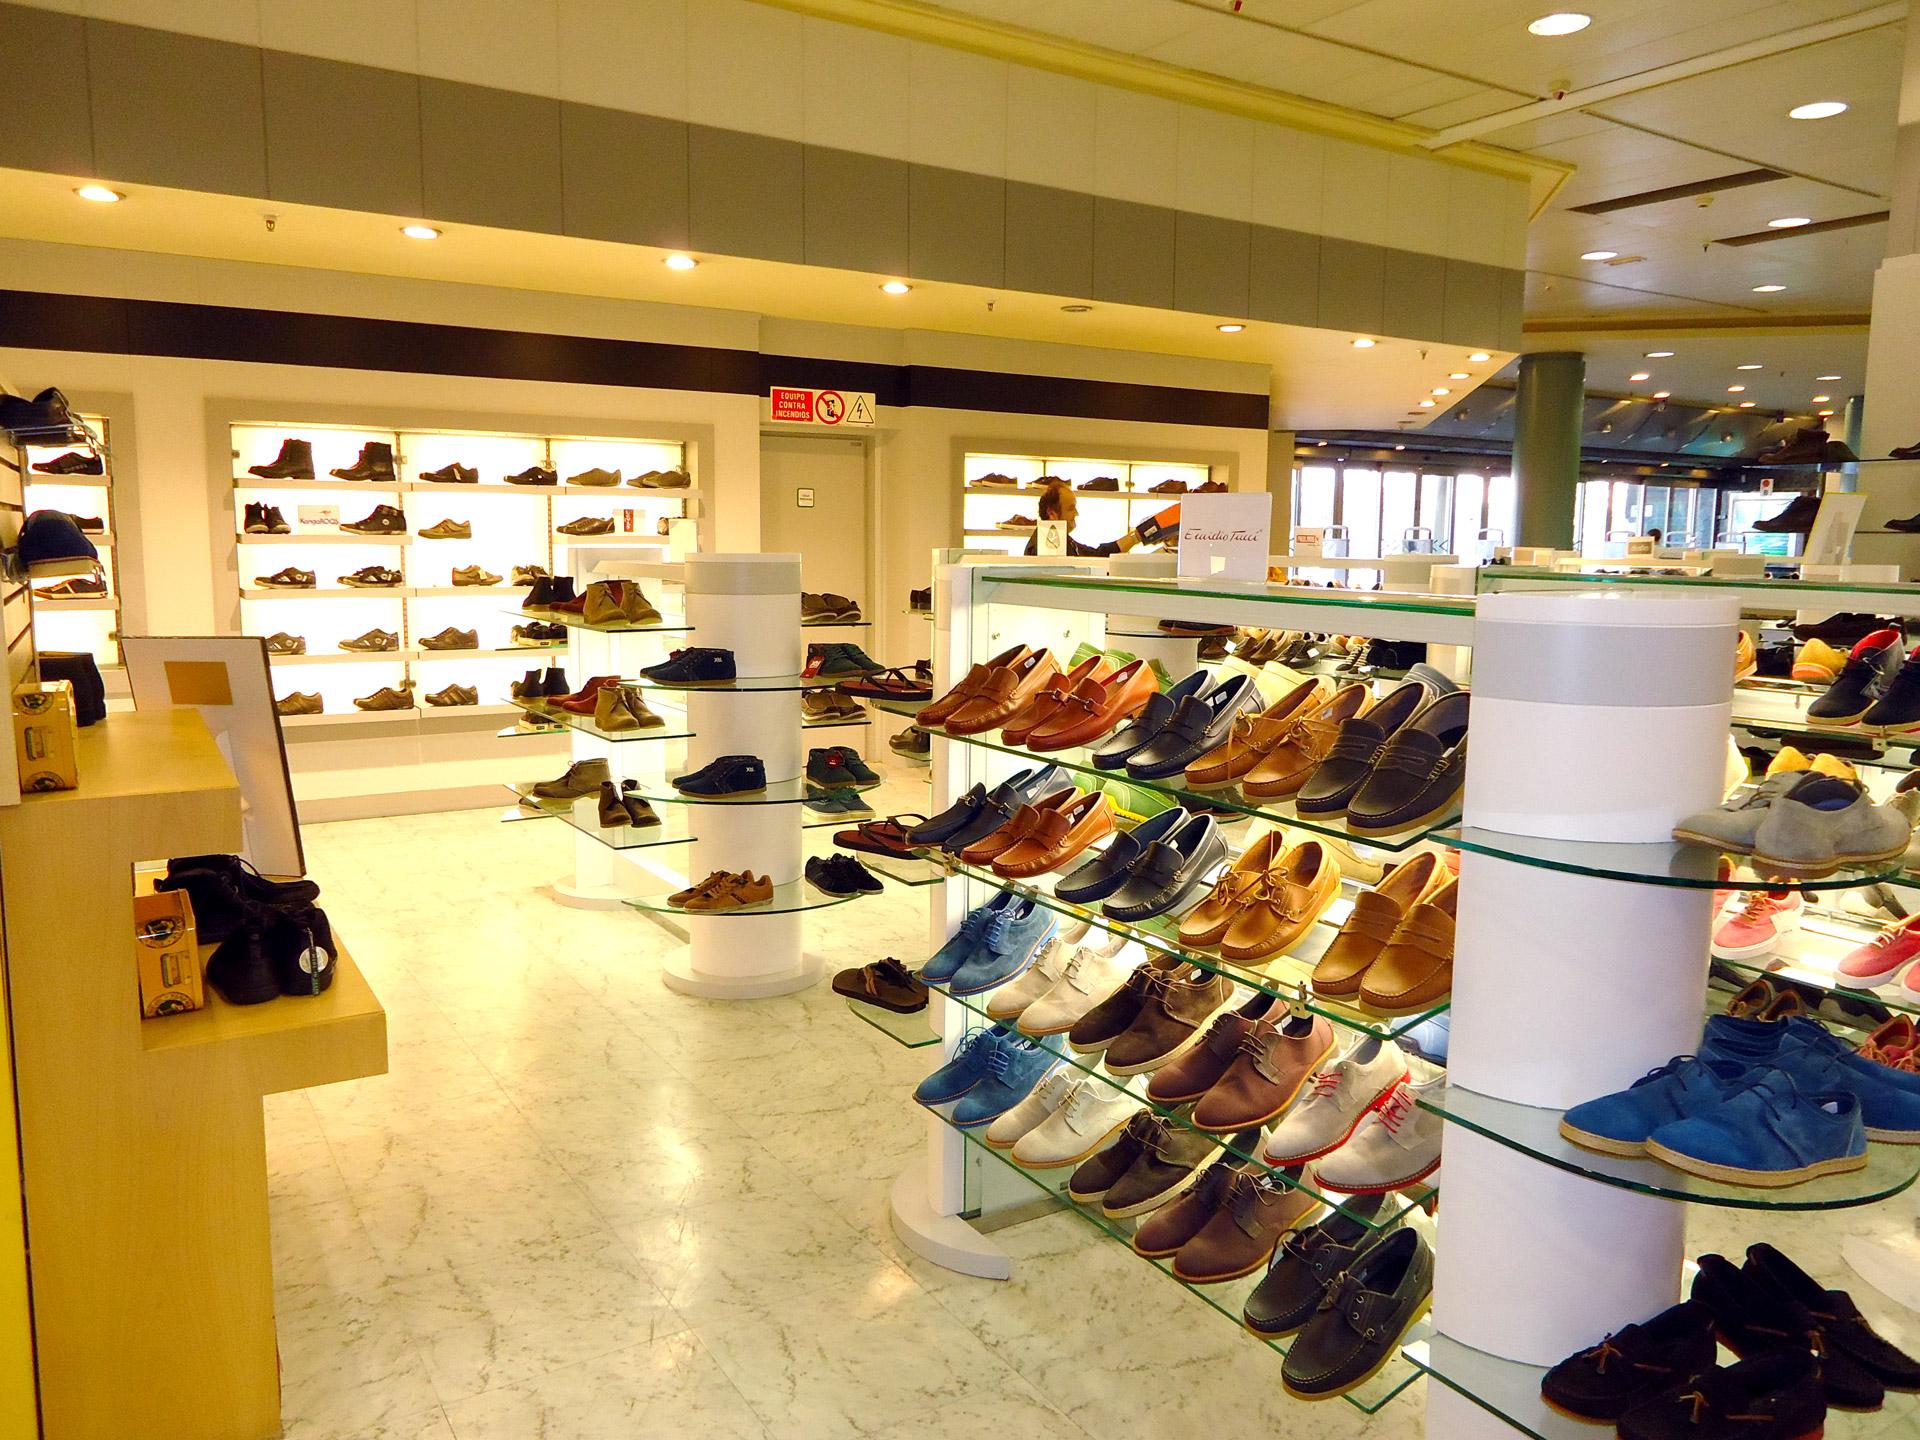 d059a8721 Cada siete días aumentan zapatos en tiendas de Caracas - Descifrado